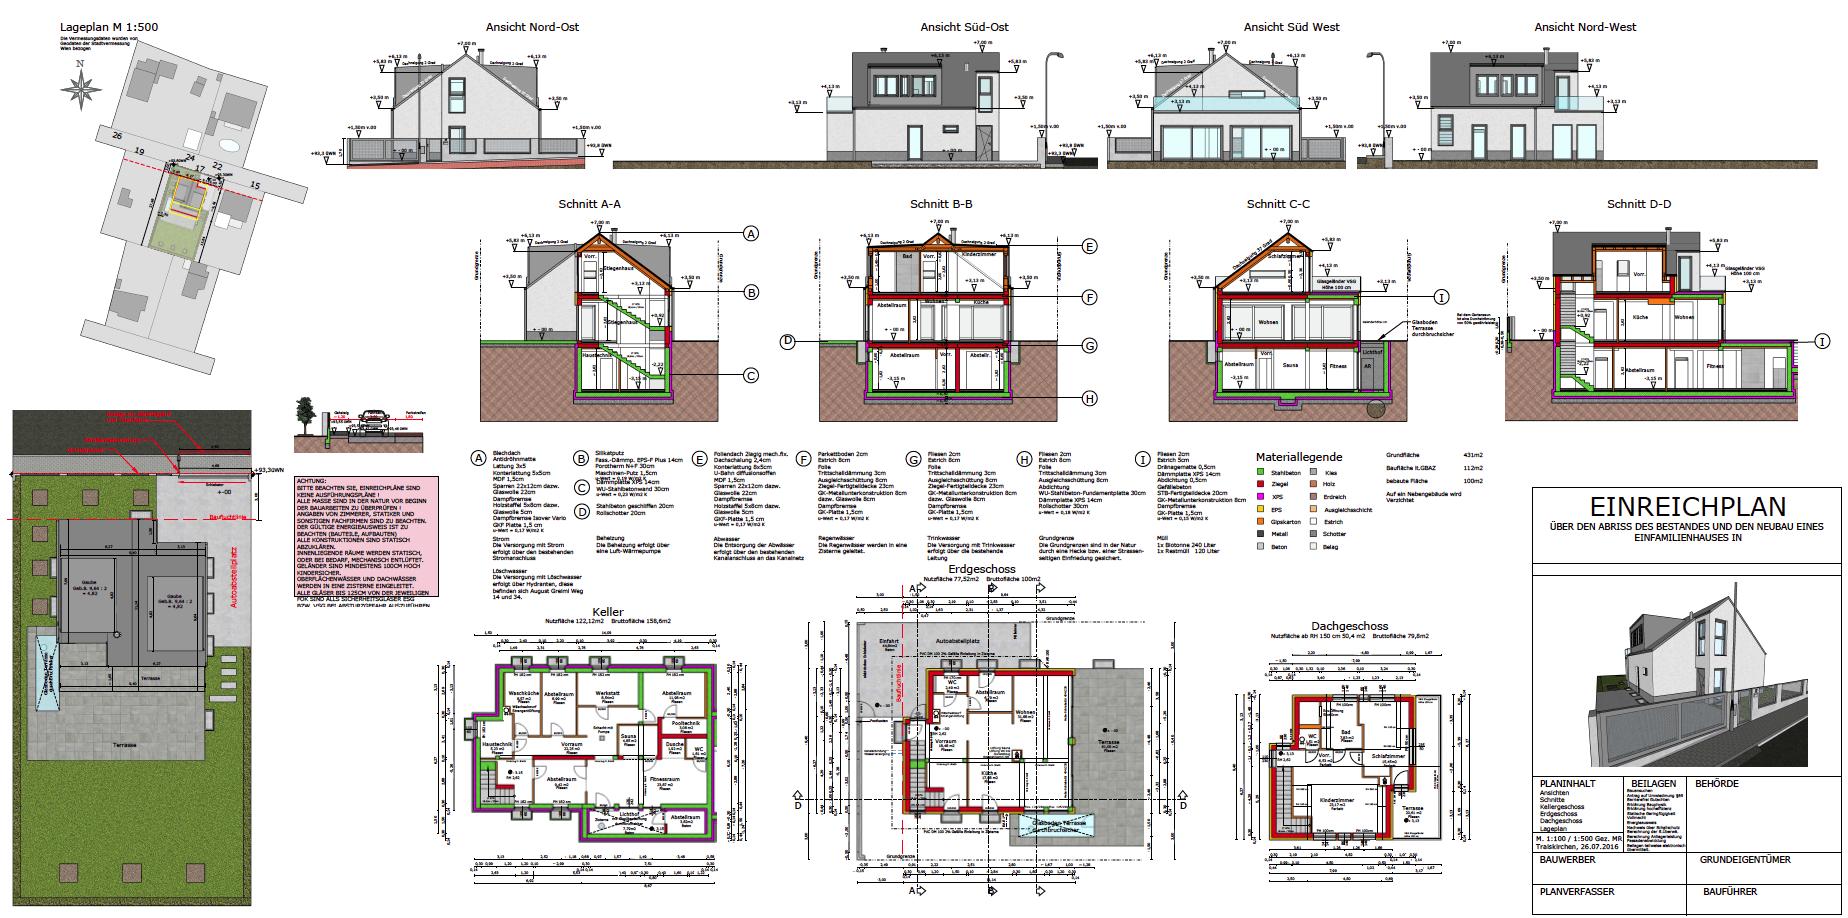 Einfamilienhaus Einreichplan